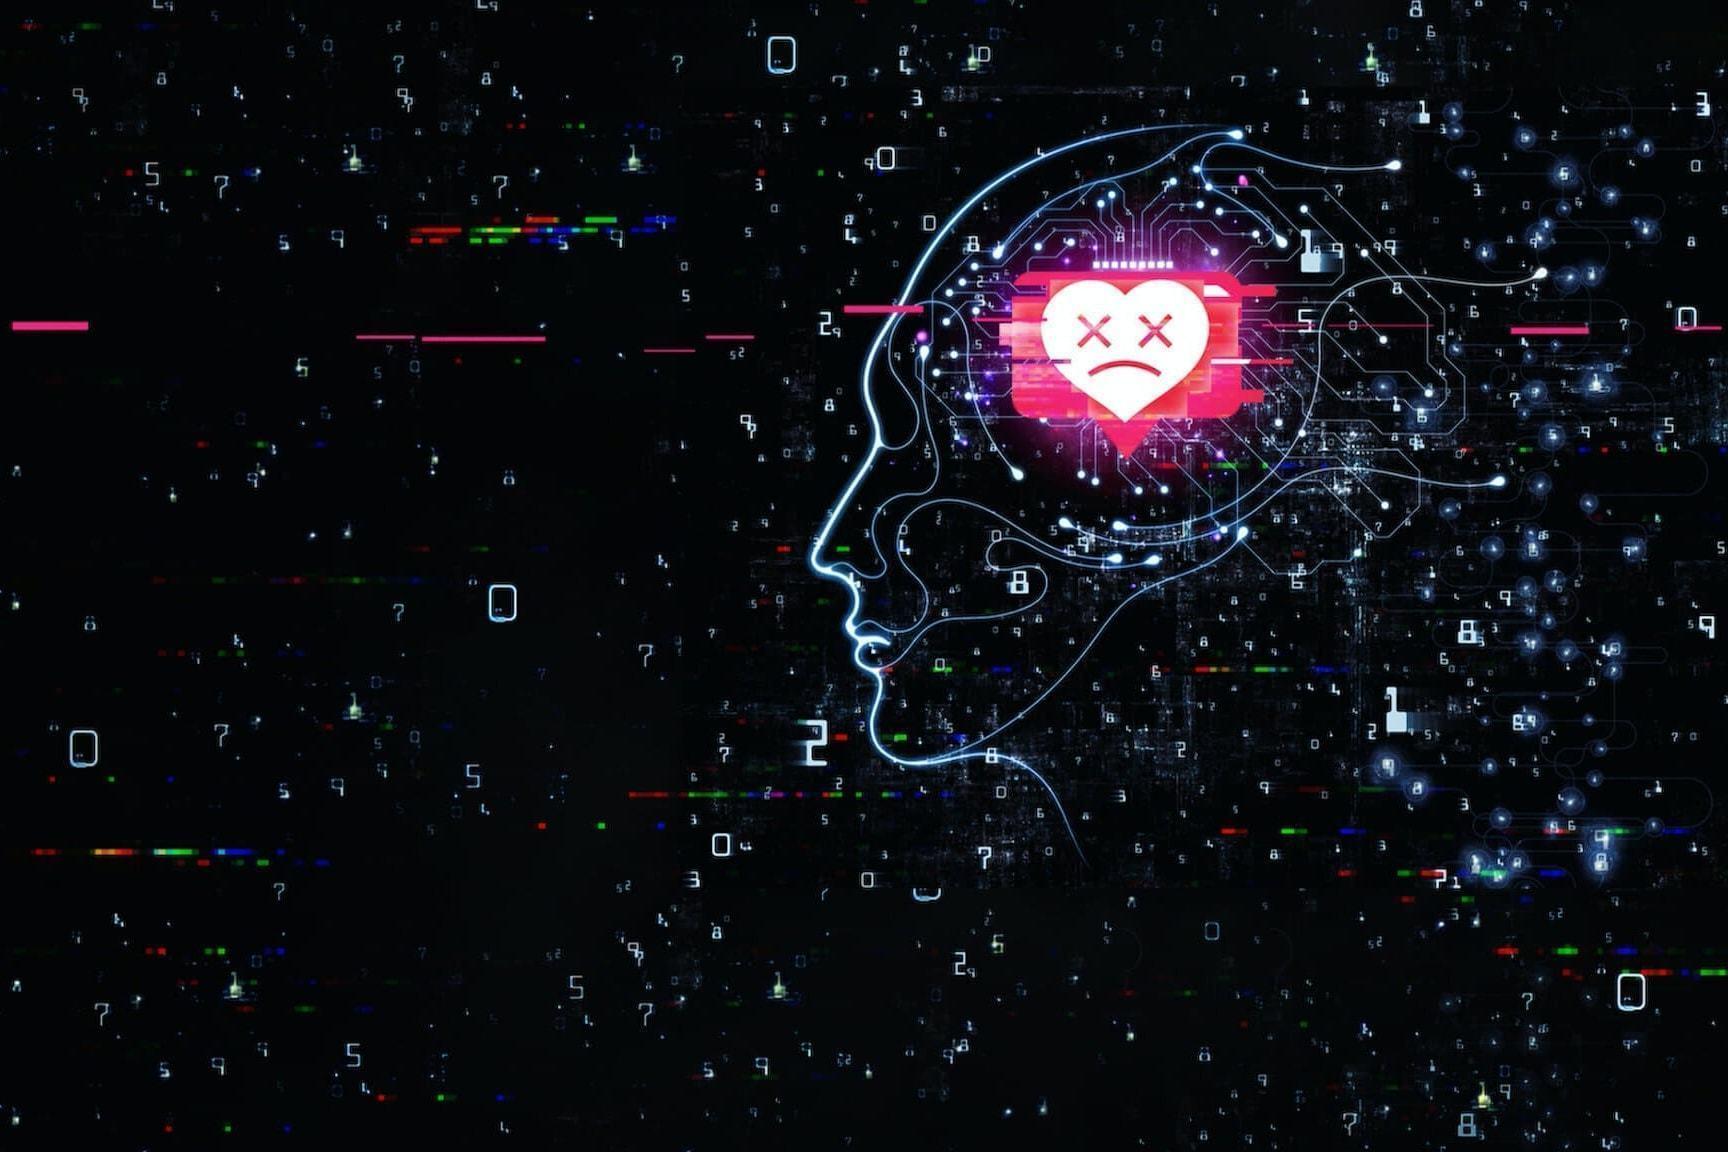 """Fundo preto com números e glitches. À direita, o perfil de uma cabeça humana com contornos luminosos e, no lugar do cérebro, o ícone de um coração com os olhos em """"x"""", como se estivesse morto."""